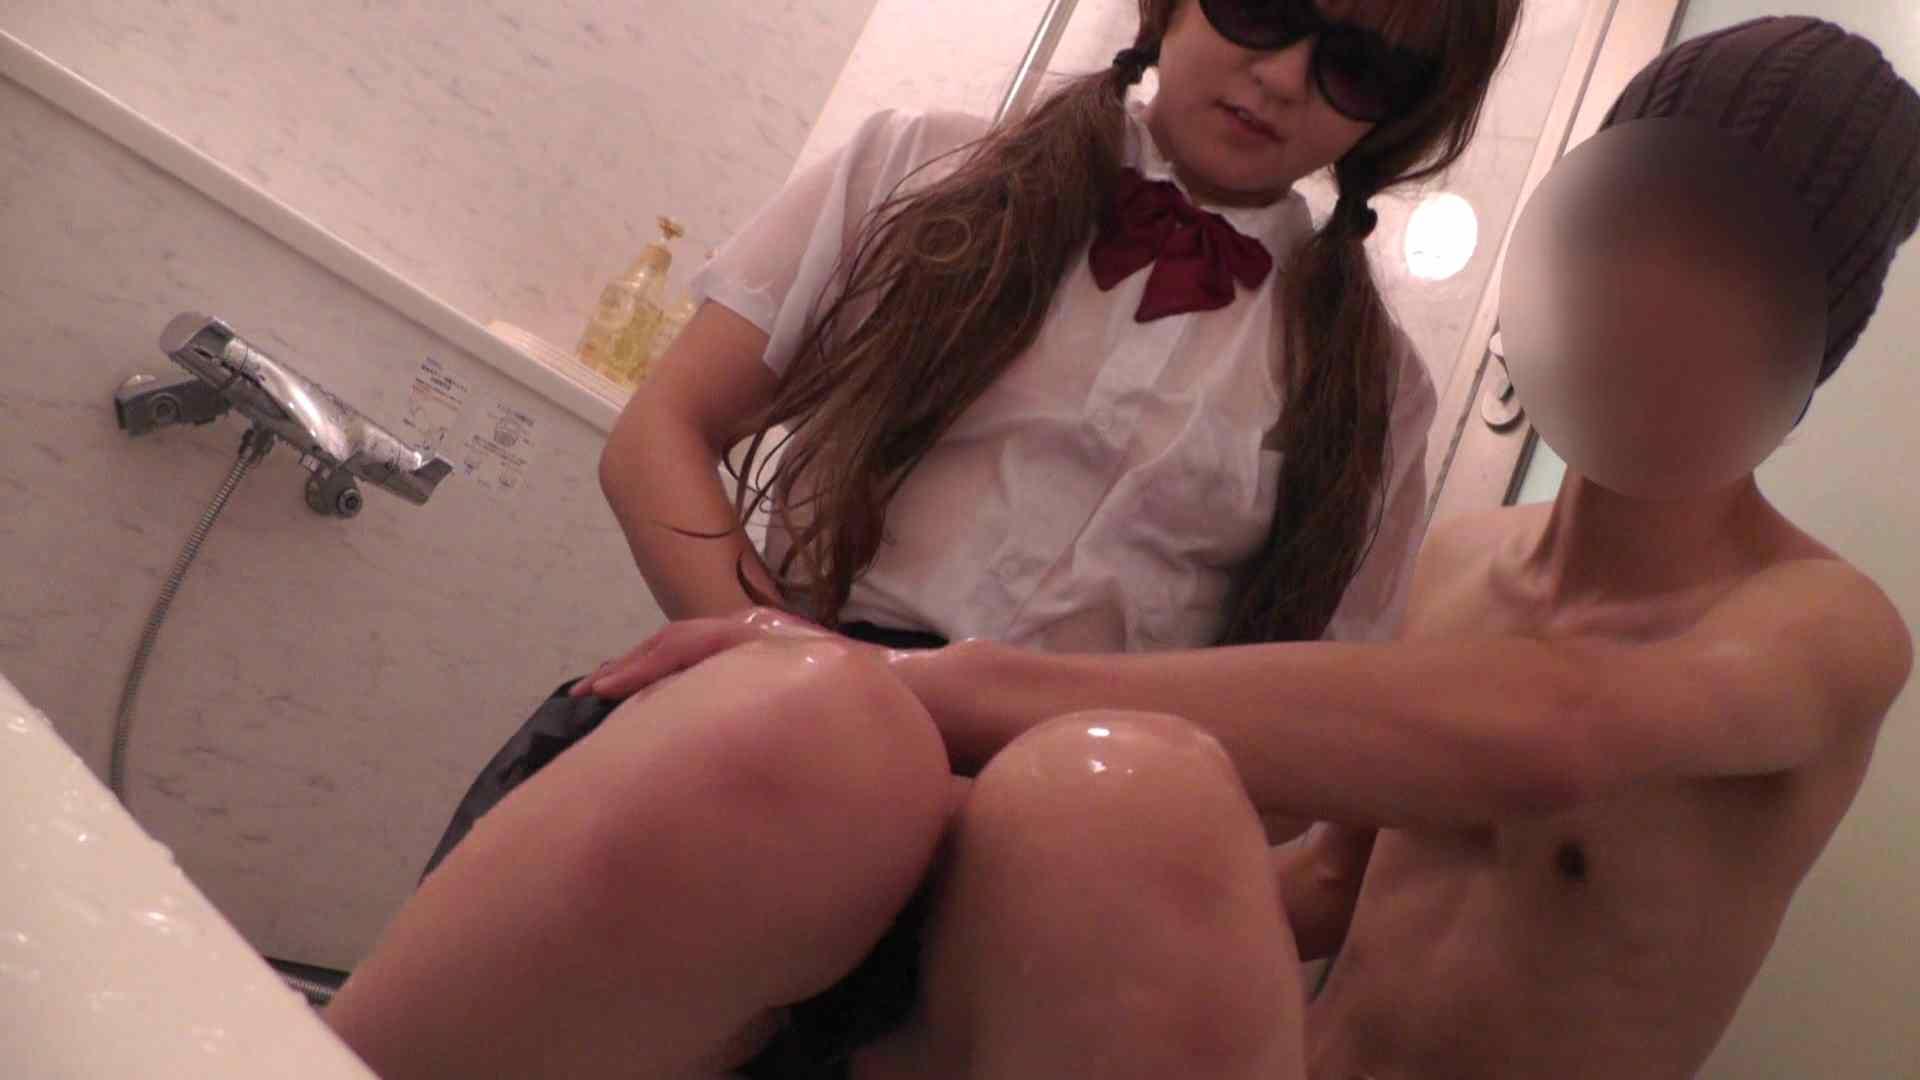 俺推し素人 Bカップ20代人妻現役ナース久美 素人丸裸   制服  93pic 65